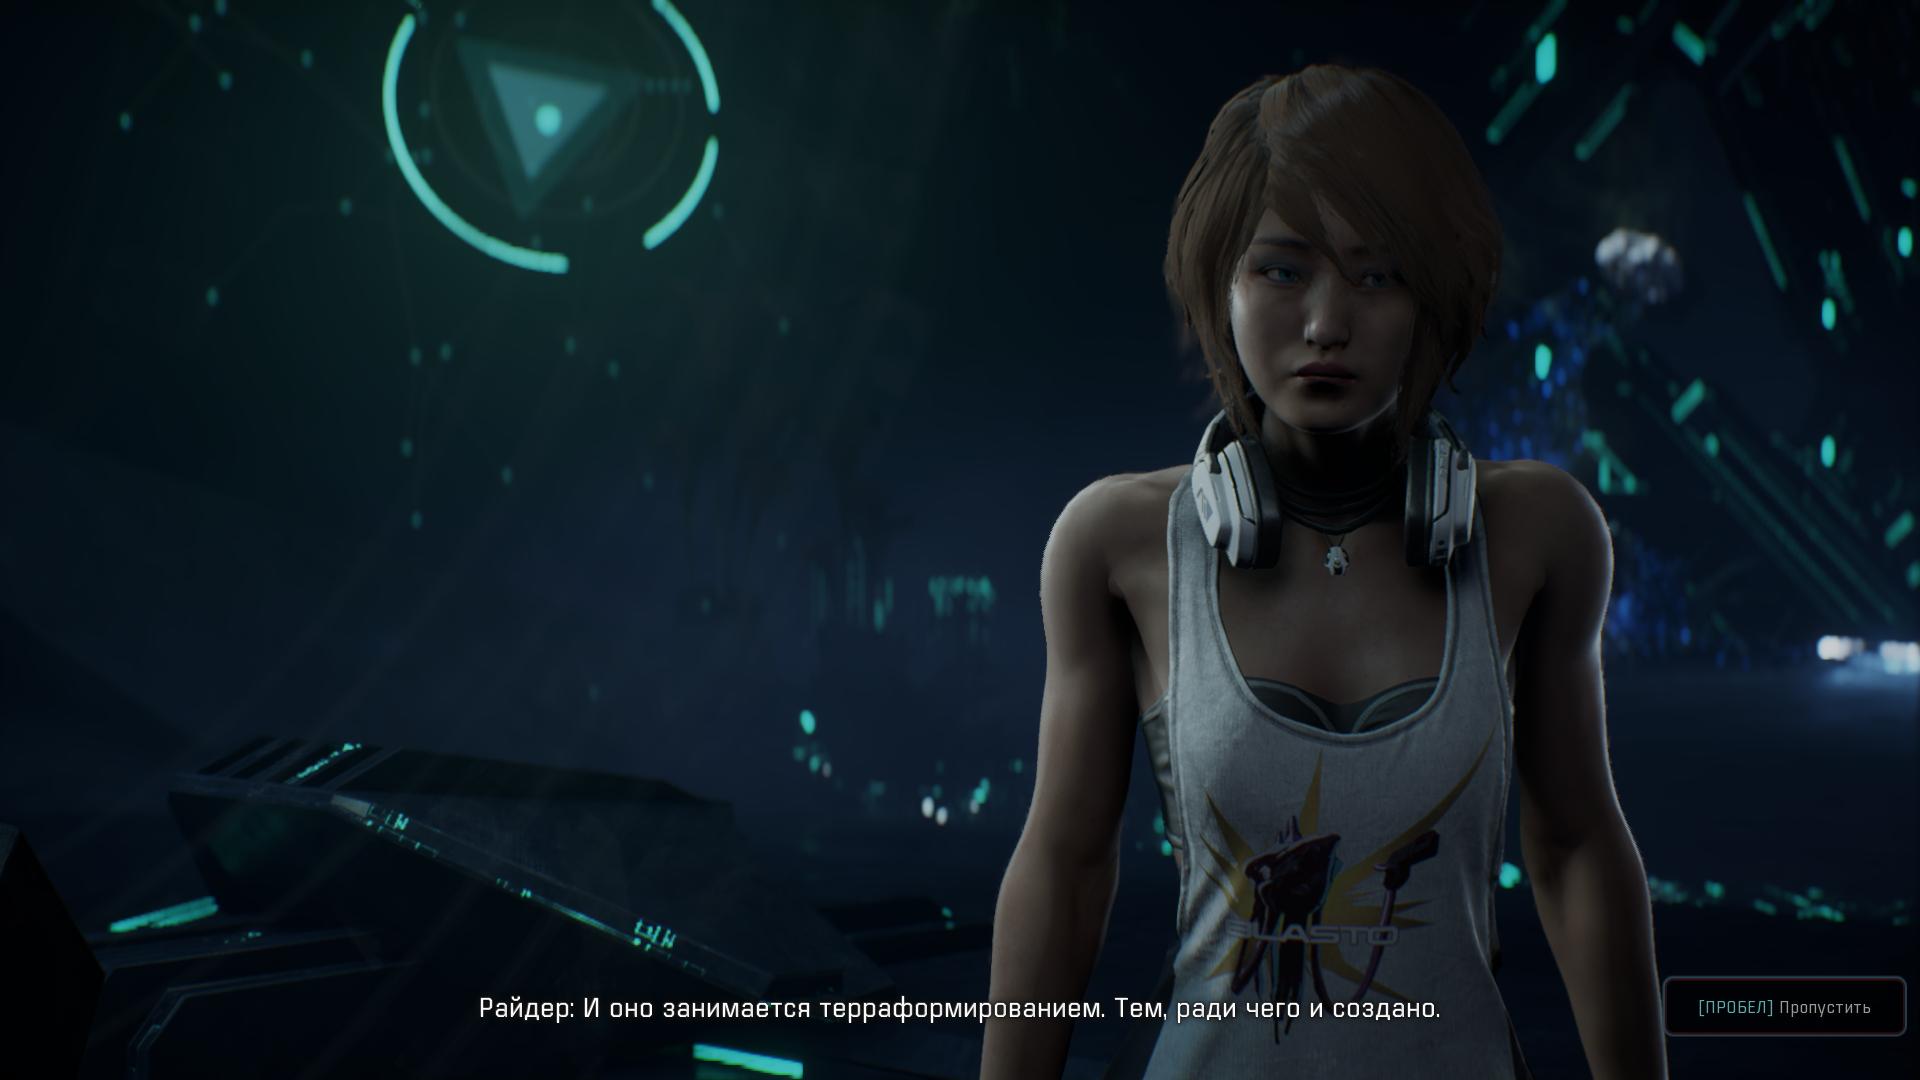 Сара Райдер - Mass Effect: Andromeda новый костюм, Персонаж, печаль